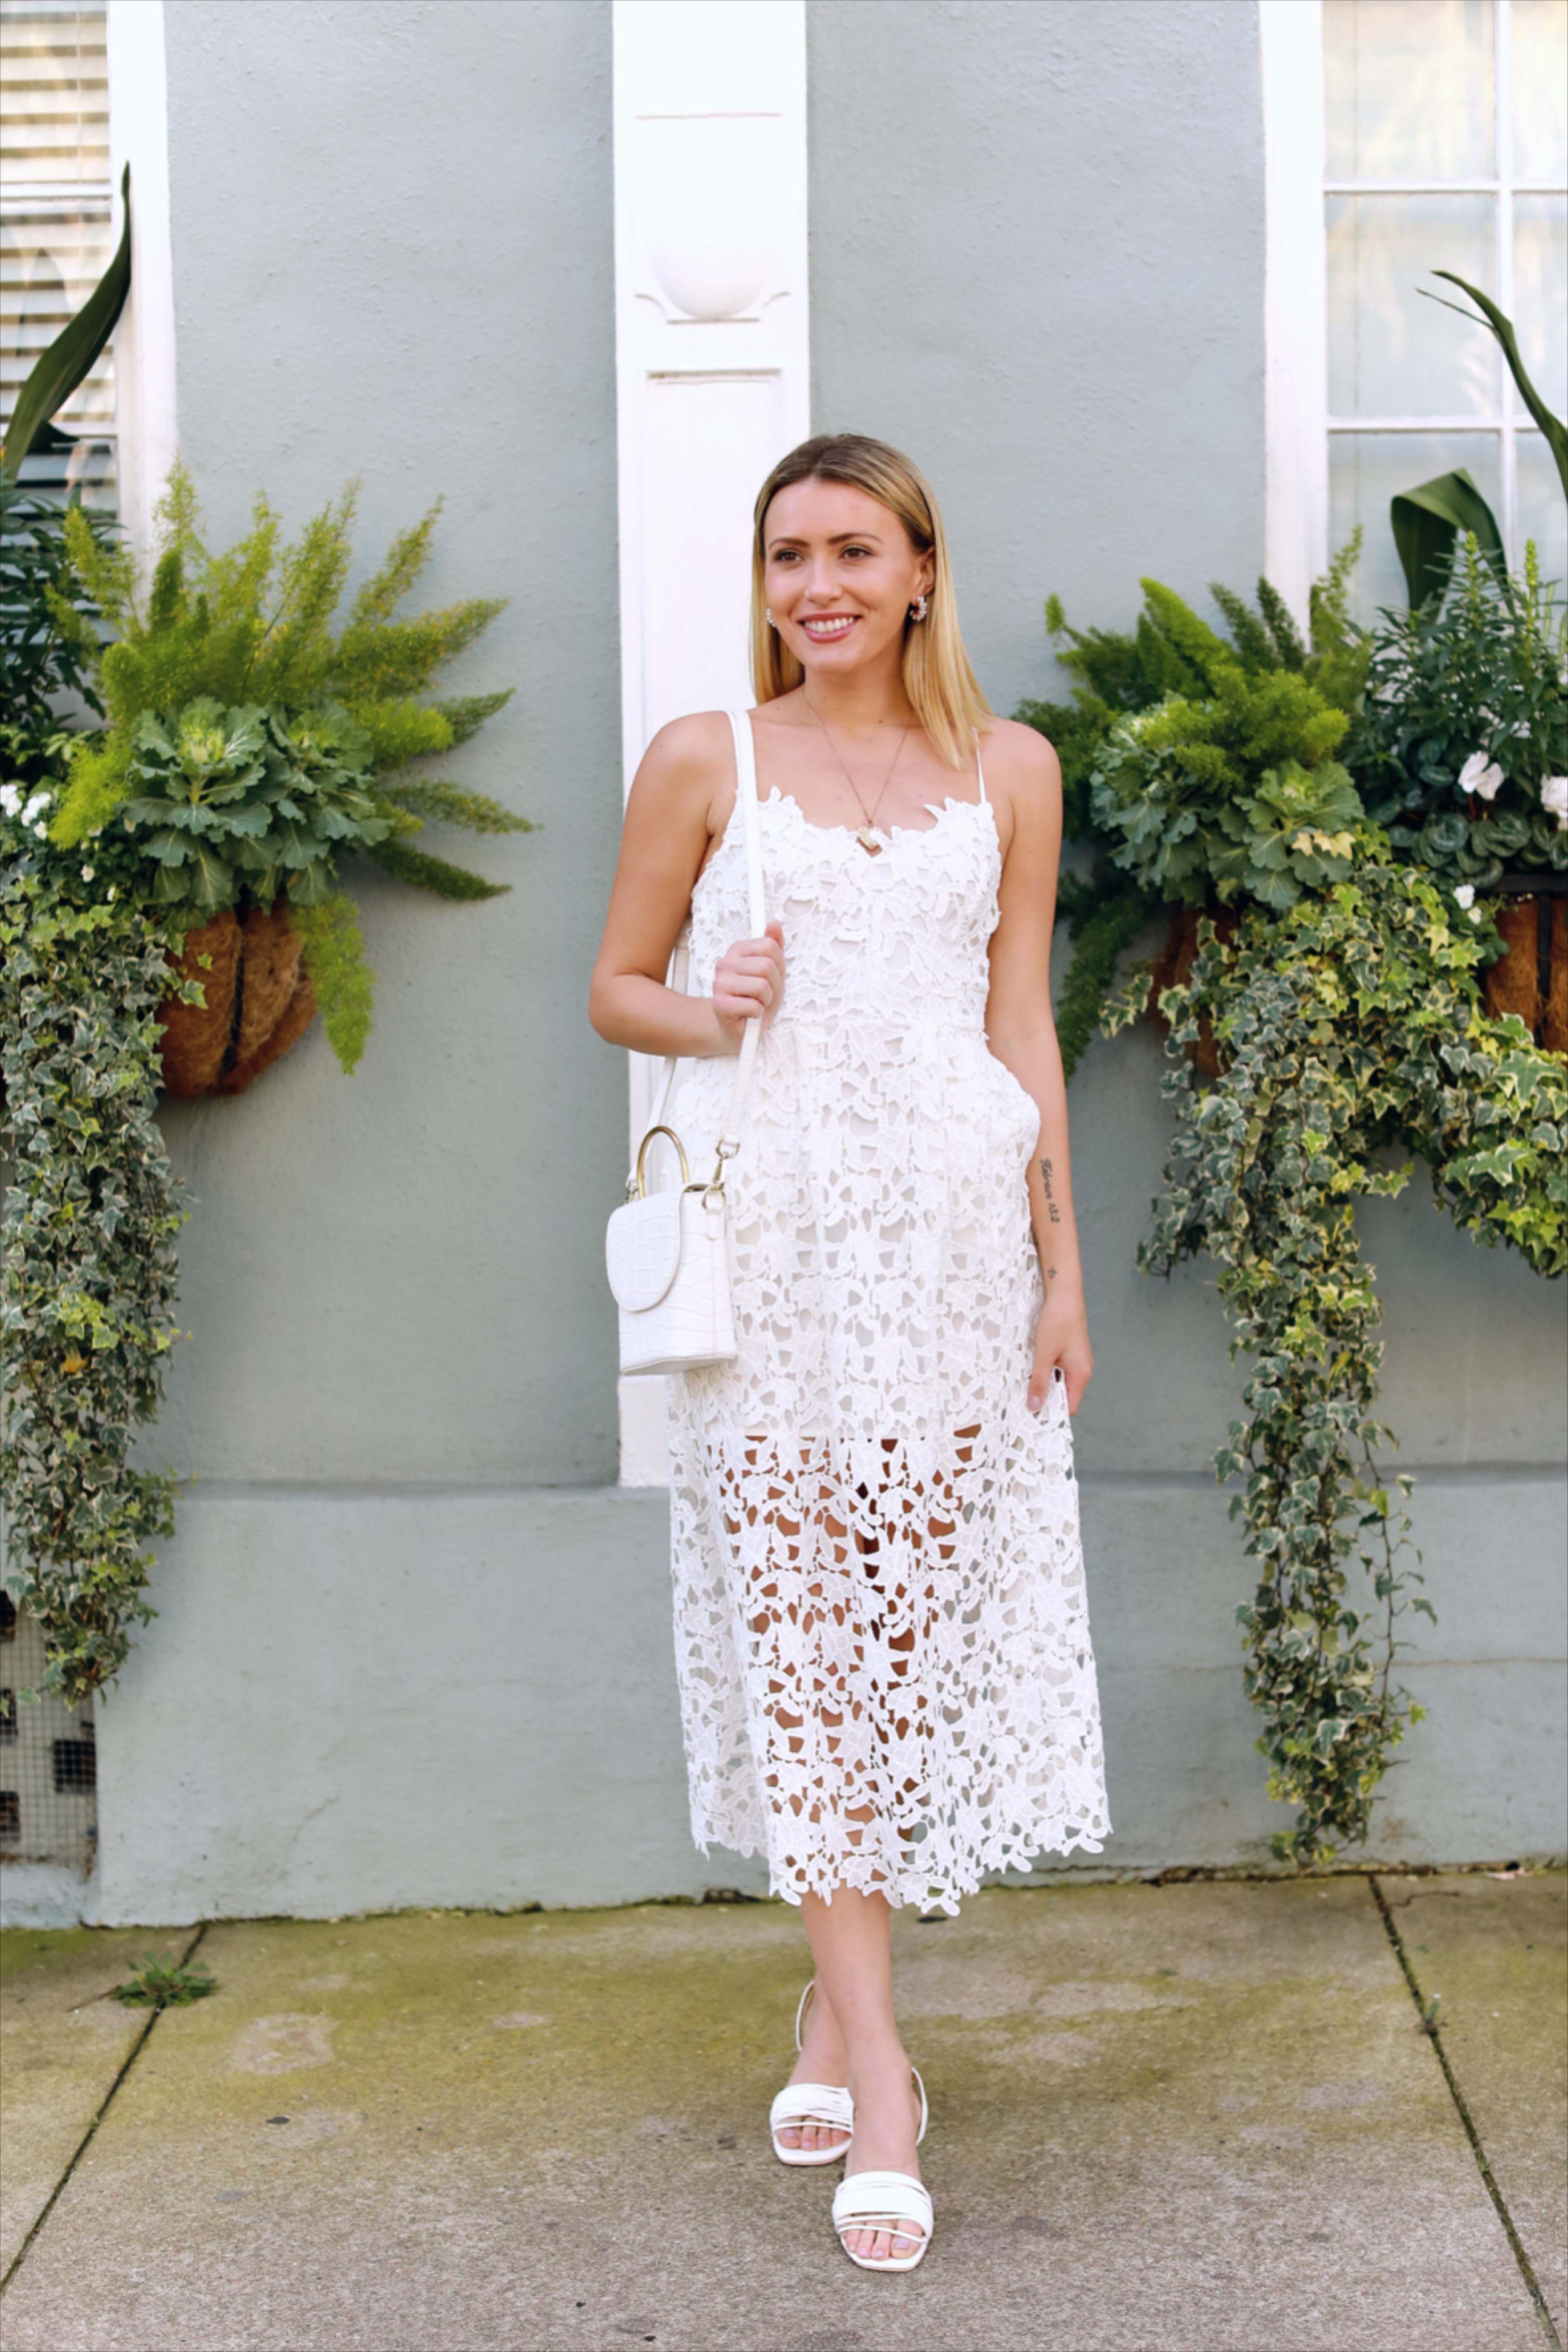 Lace Overlay Dress Lace Overlay Dress Dresses Outfit Accessories [ 5000 x 3333 Pixel ]